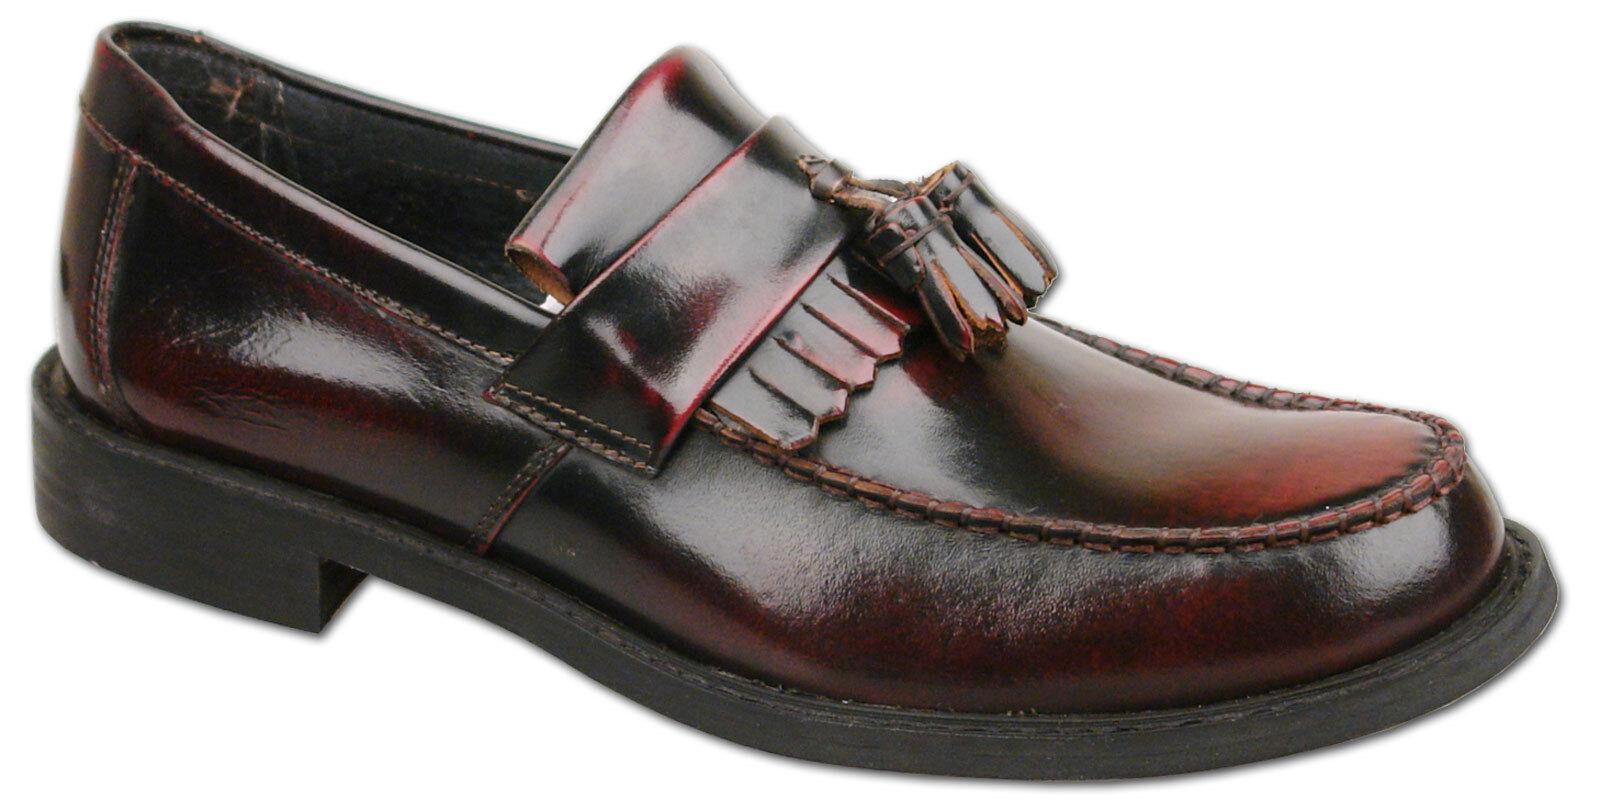 Nouveau pour homme en cuir Oxblood 7 slip on tassel mocassin chaussures taille 6 7 Oxblood 8 9 10 11 12 8b99c3